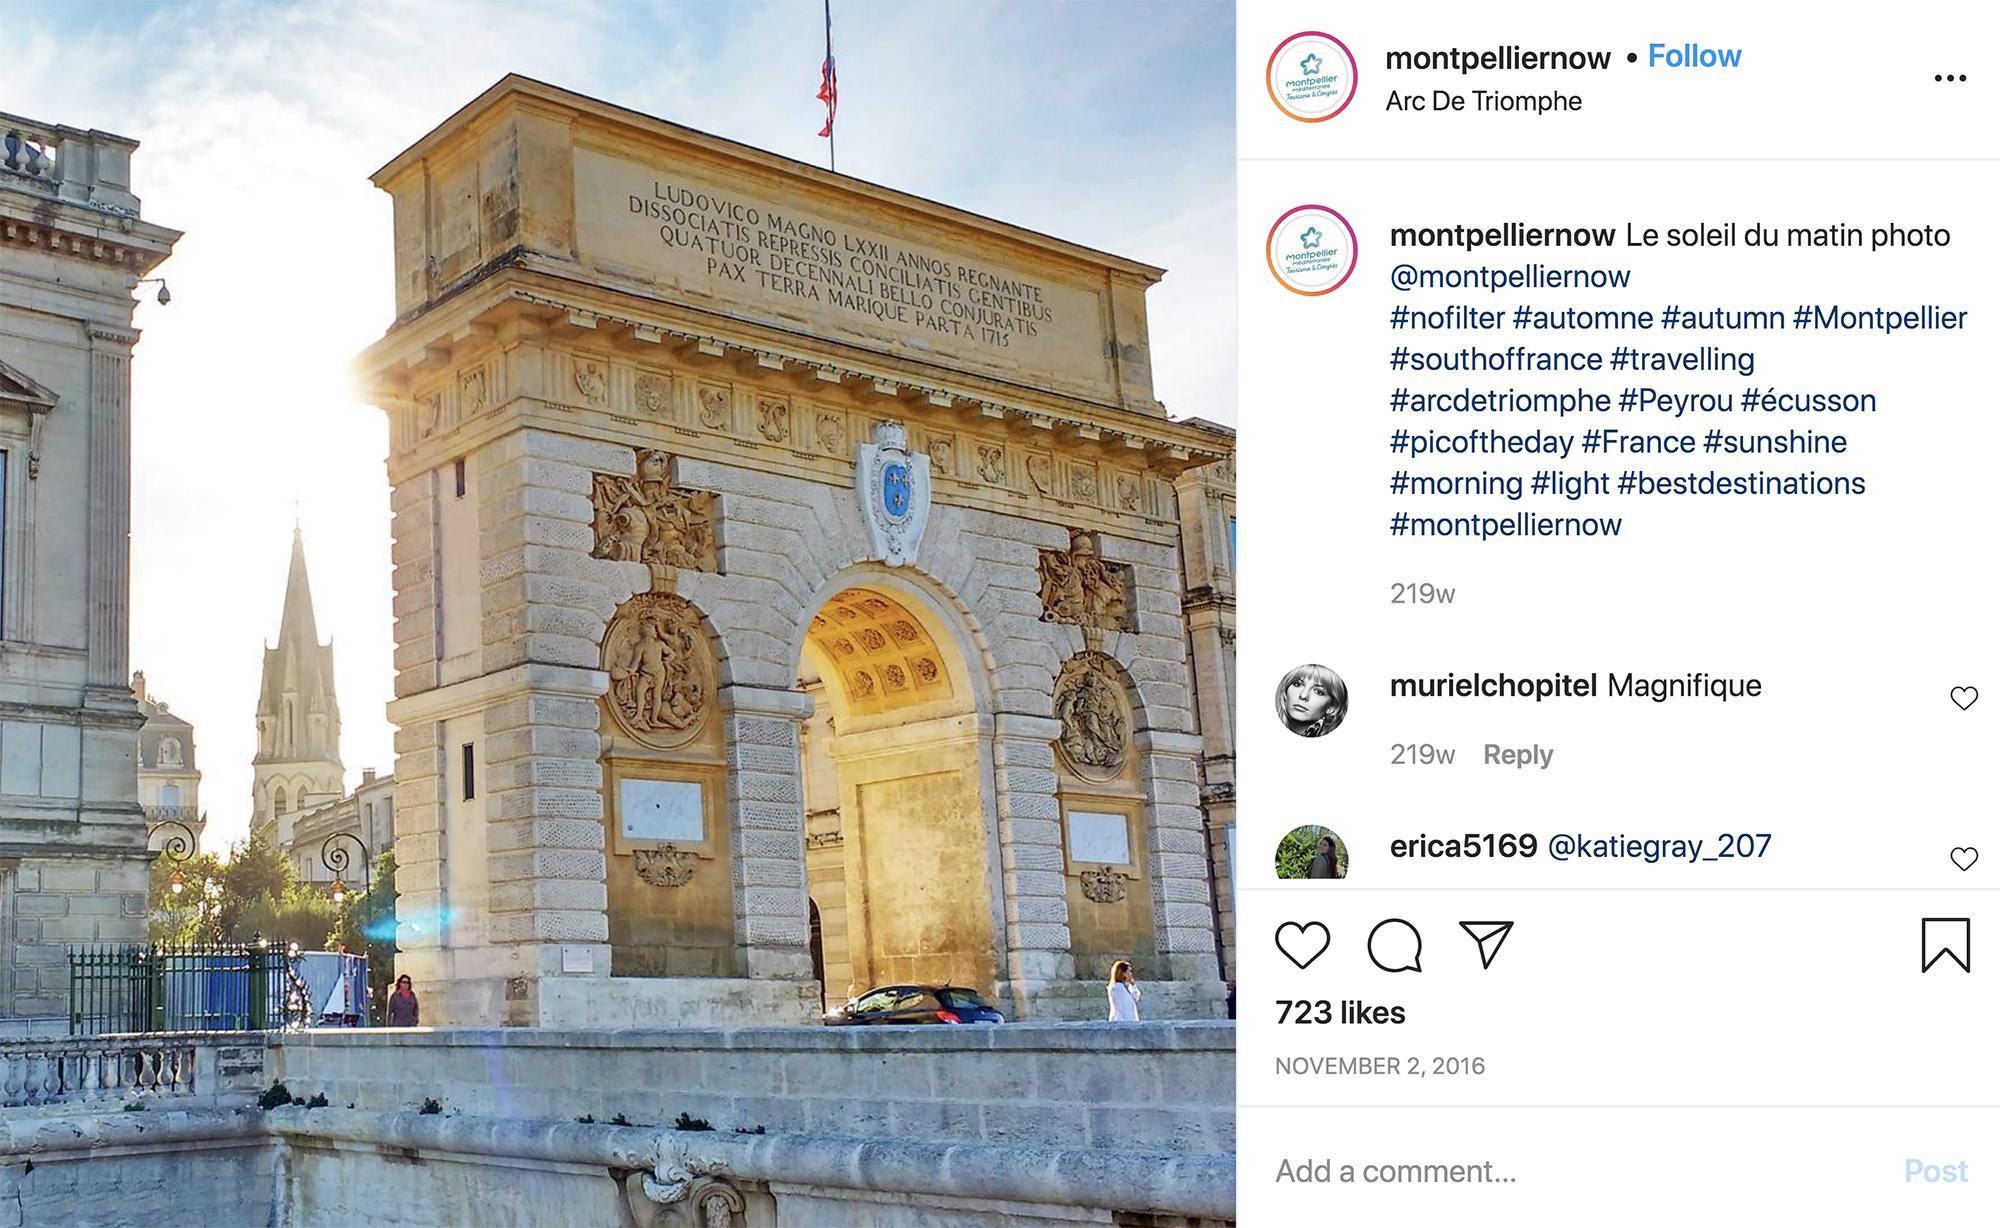 Turismo Montpellier Arco del triunfo